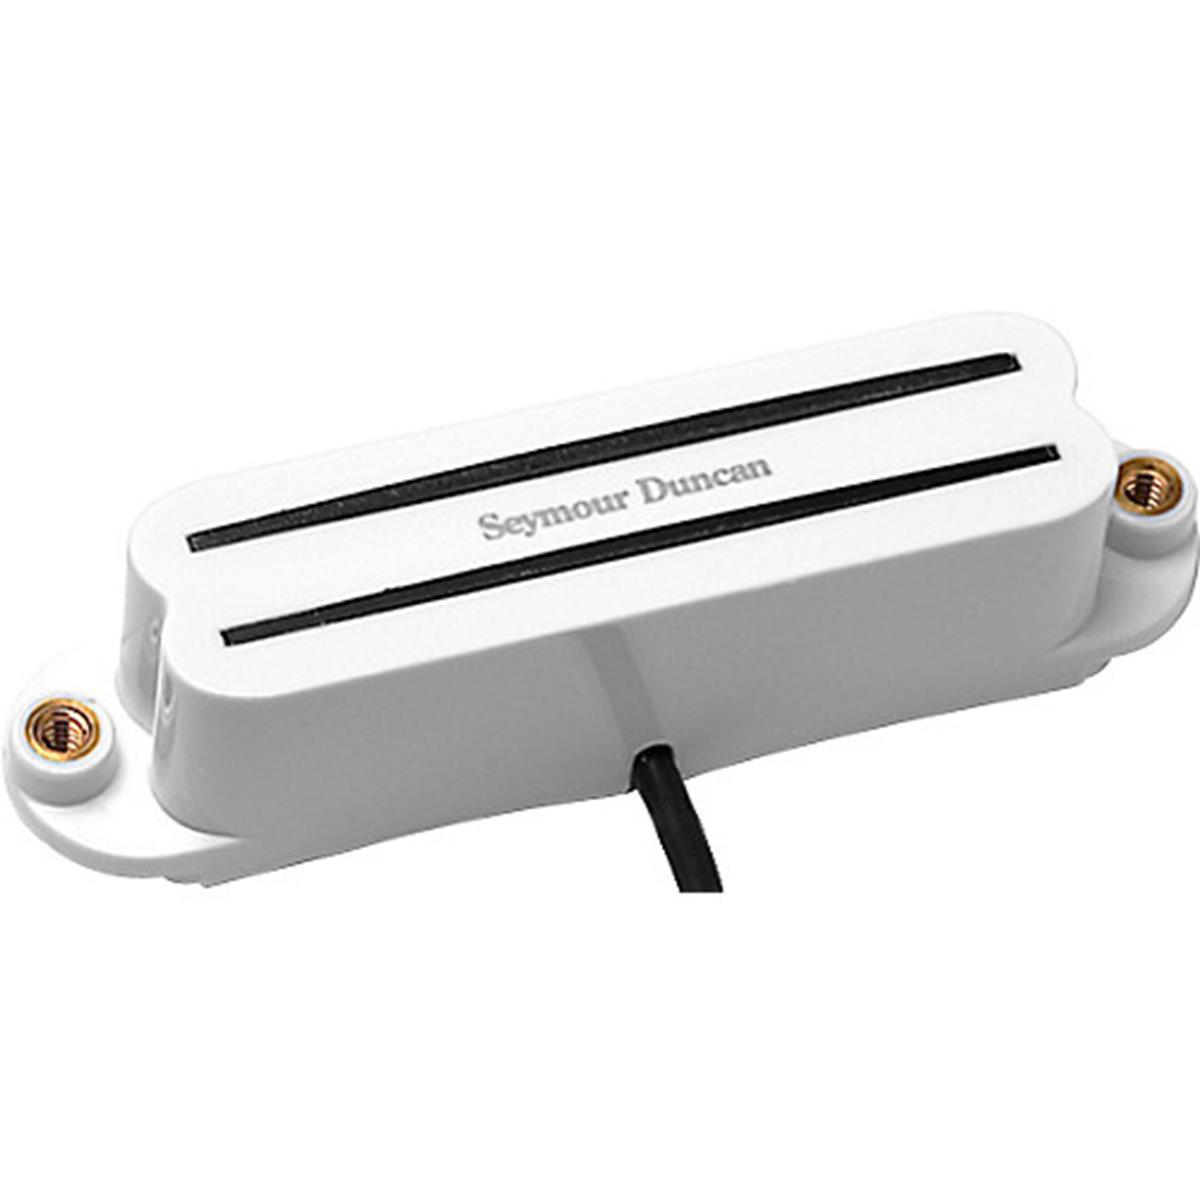 SEYMOUR-DUNCAN SHR 1 HOT RAILS NECK WHITE 1120501W